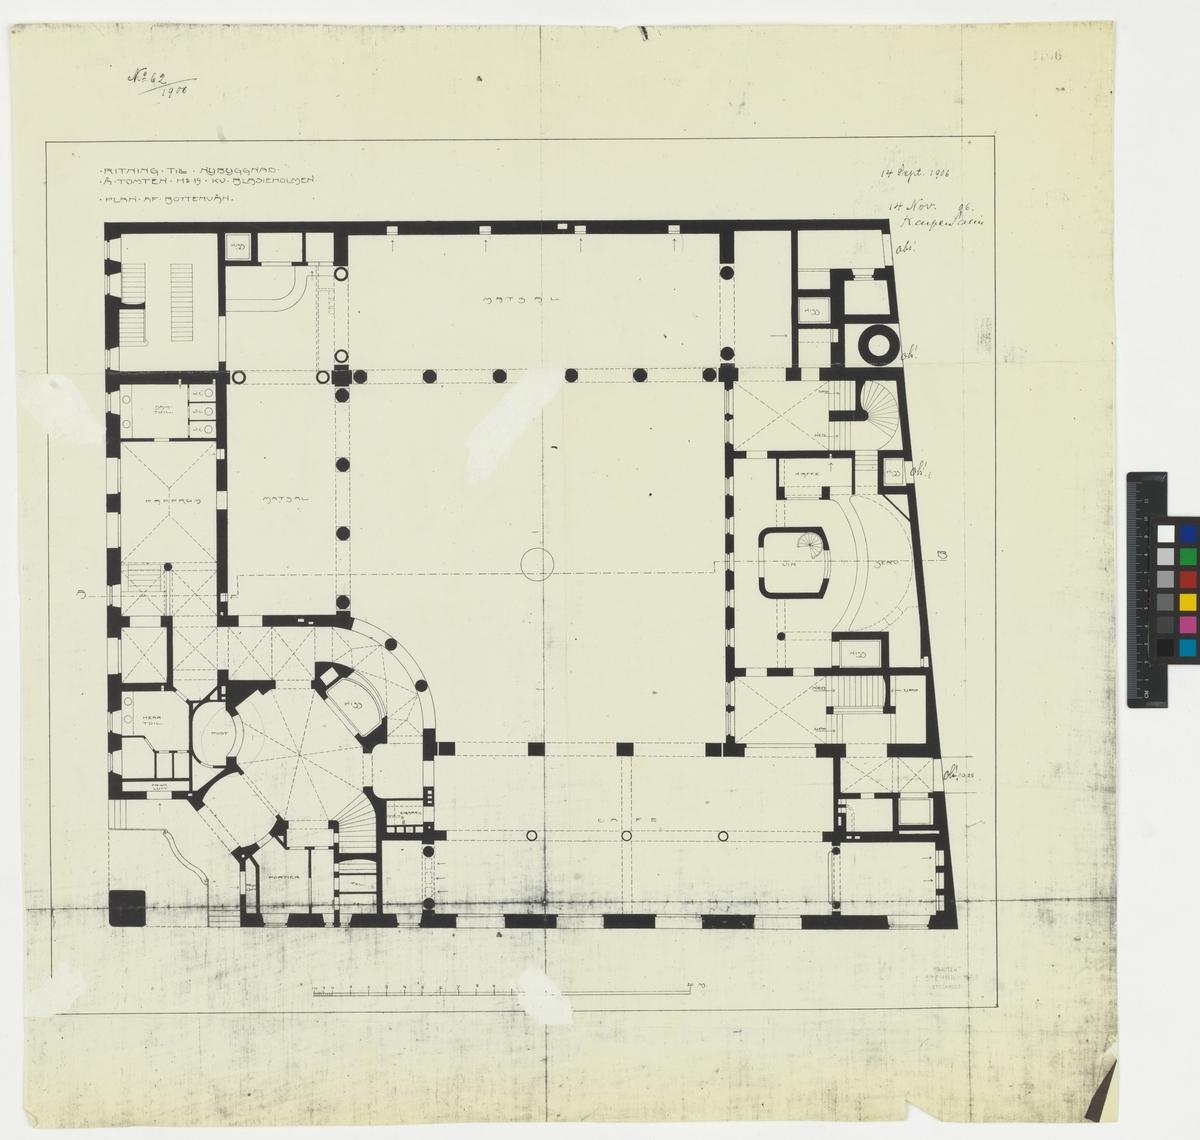 Ritning till nybyggnad å tomten no 19 Kv. Blasieholmen Plan af bottenvån